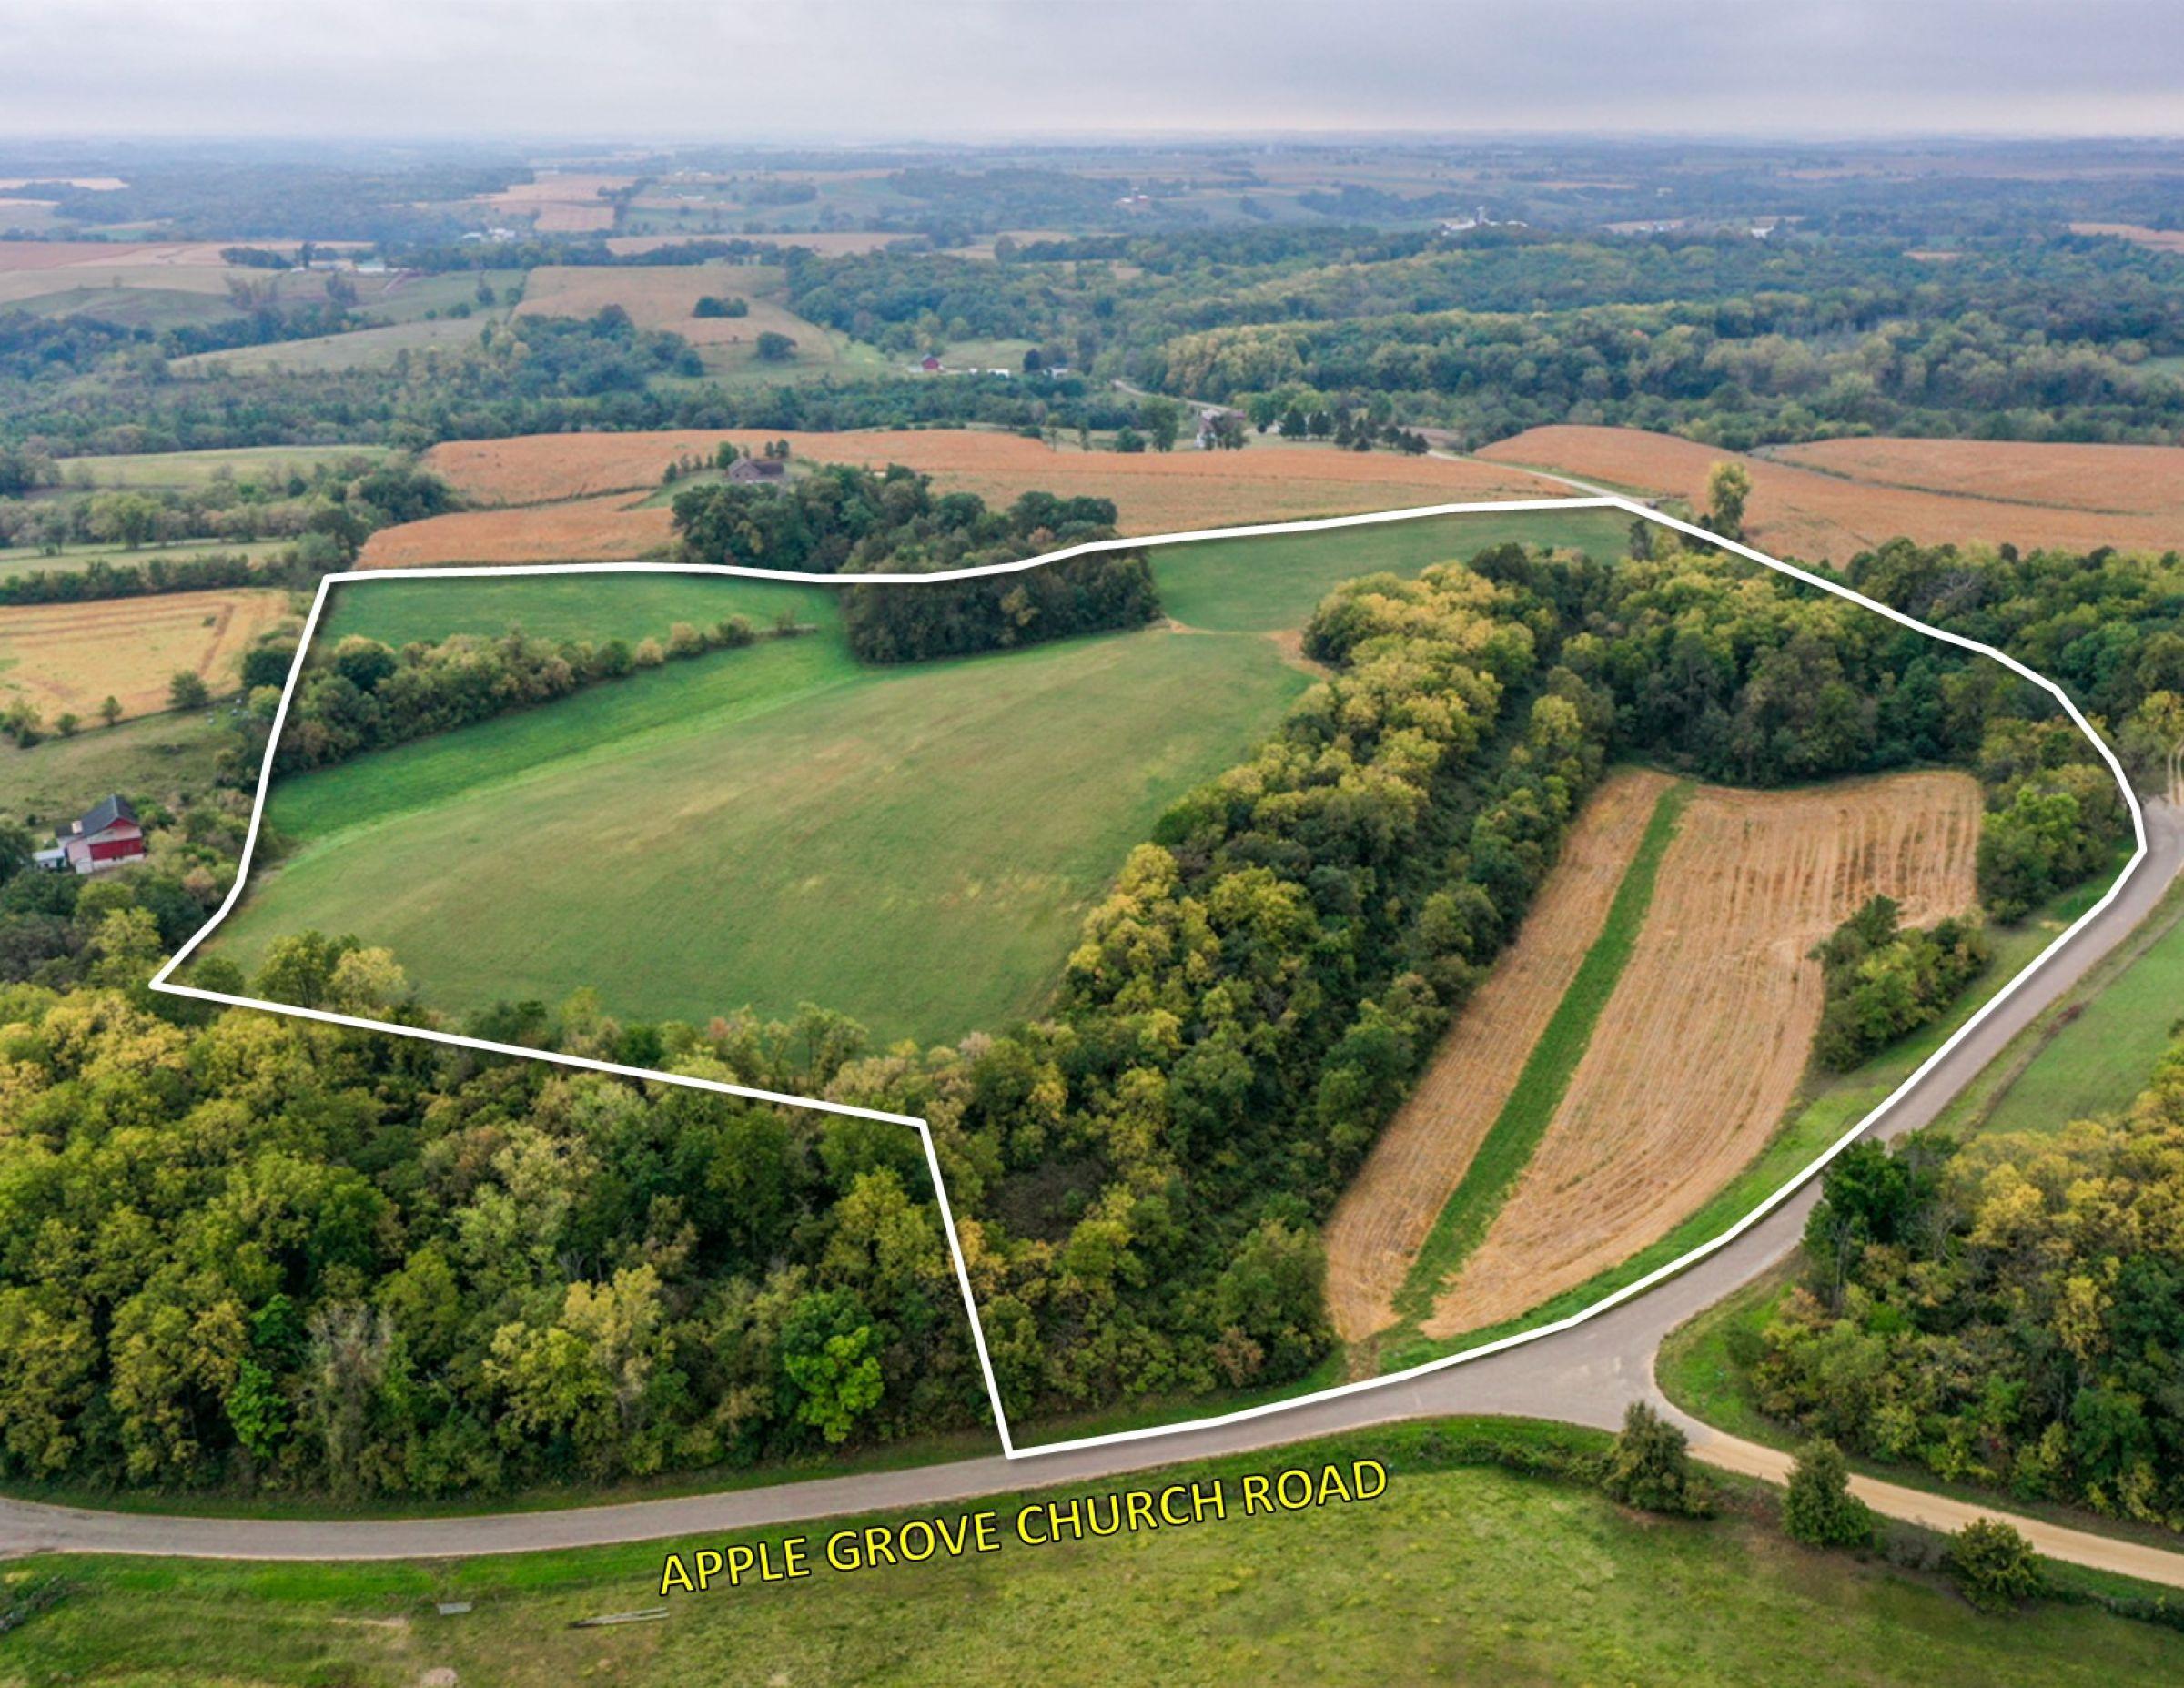 3-3320-apple-grove-church-road-argyle-53504-0-2021-09-21-154507.jpg